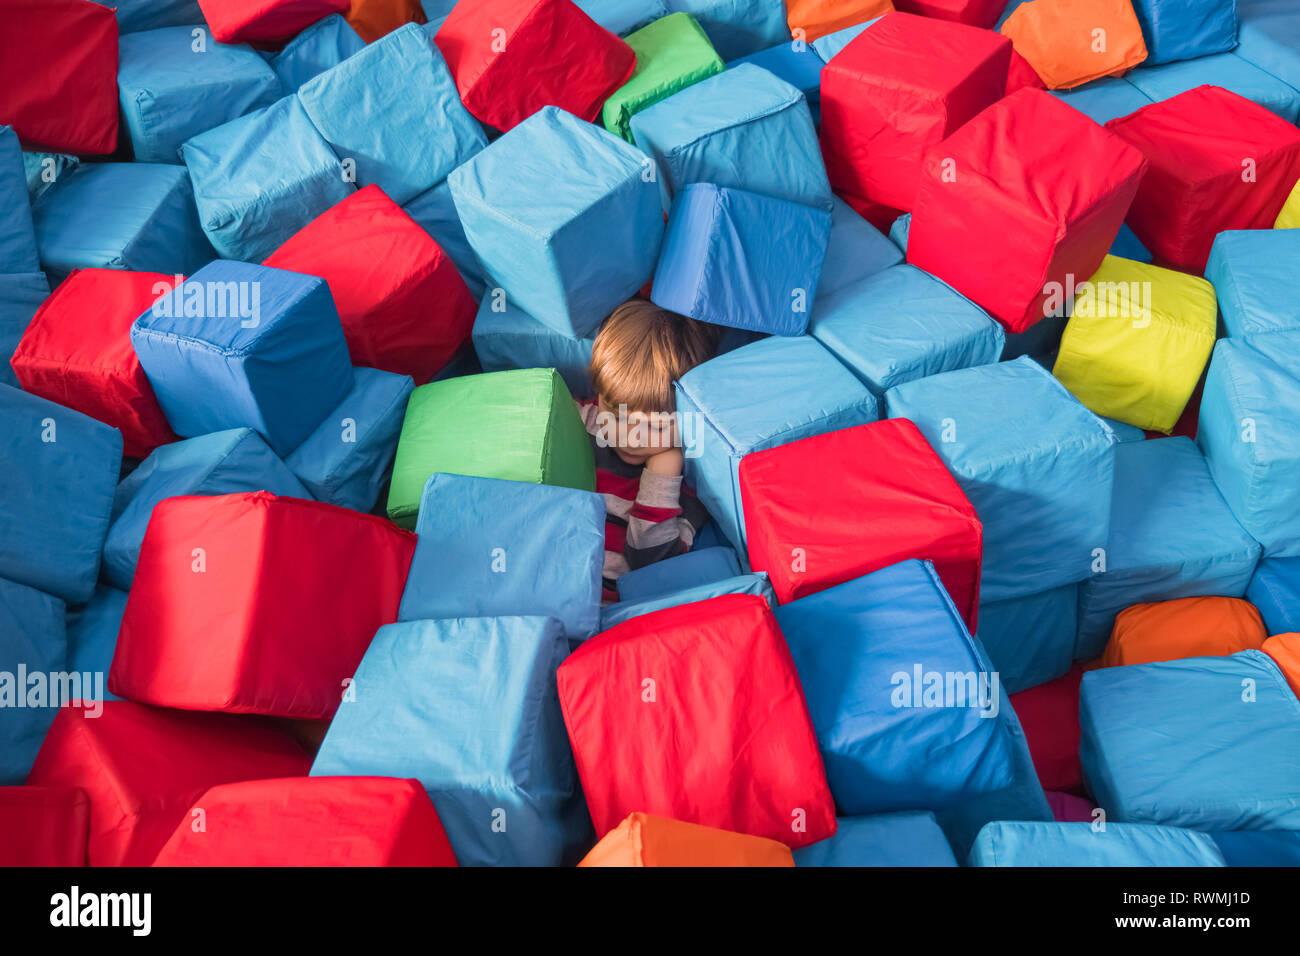 L'autismo infantile psicologia infantile concettuale. Ragazzo coperto con colorati blocchi morbidi, cubetti. Per i bambini e fisiologici per la salute psicologica Immagini Stock